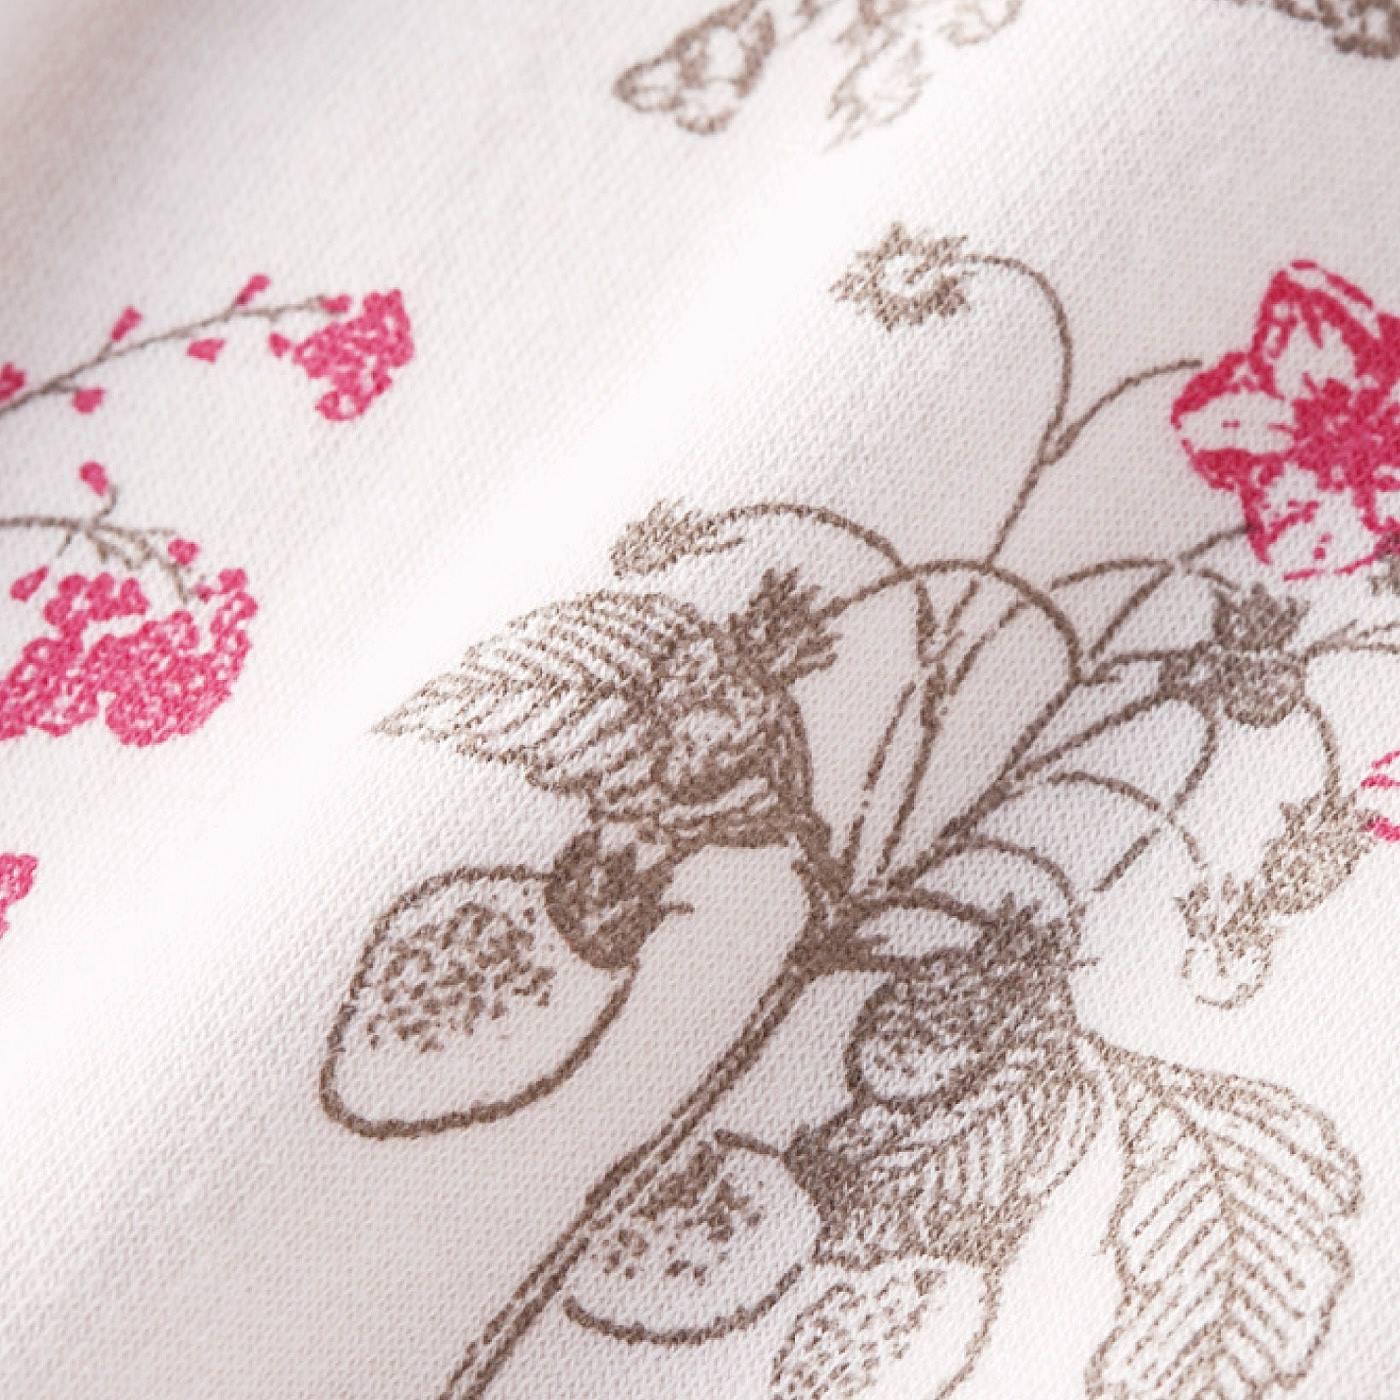 植物を描いたボタニカル柄は、おとなな雰囲気。